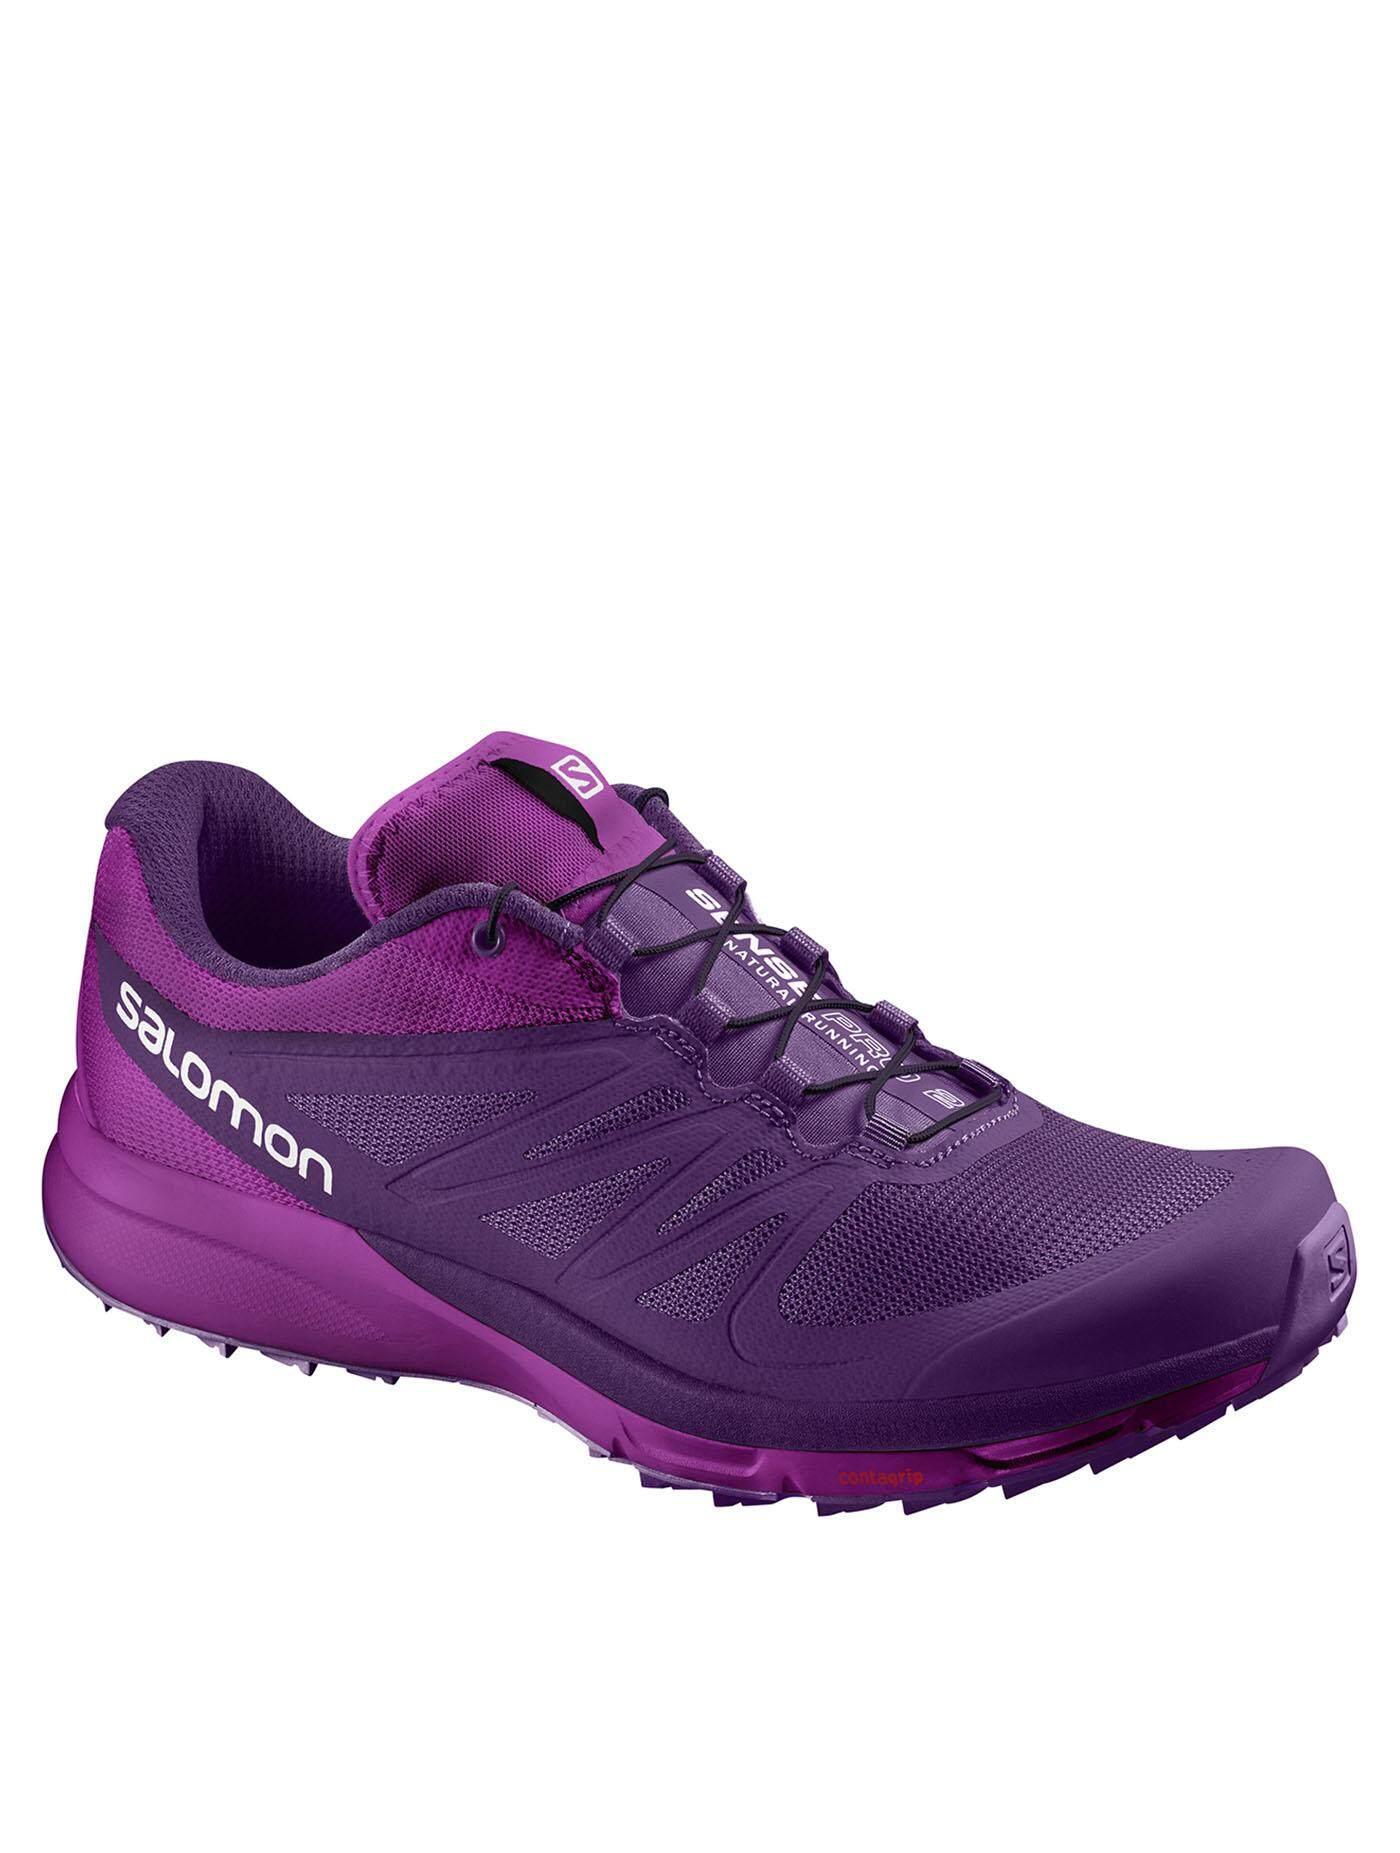 SALOMON รองเท้าวิ่งเทรลผู้หญิง Sense Pro2 L38158000 ไซส์ UK 6 สีม่วง-ชมพู